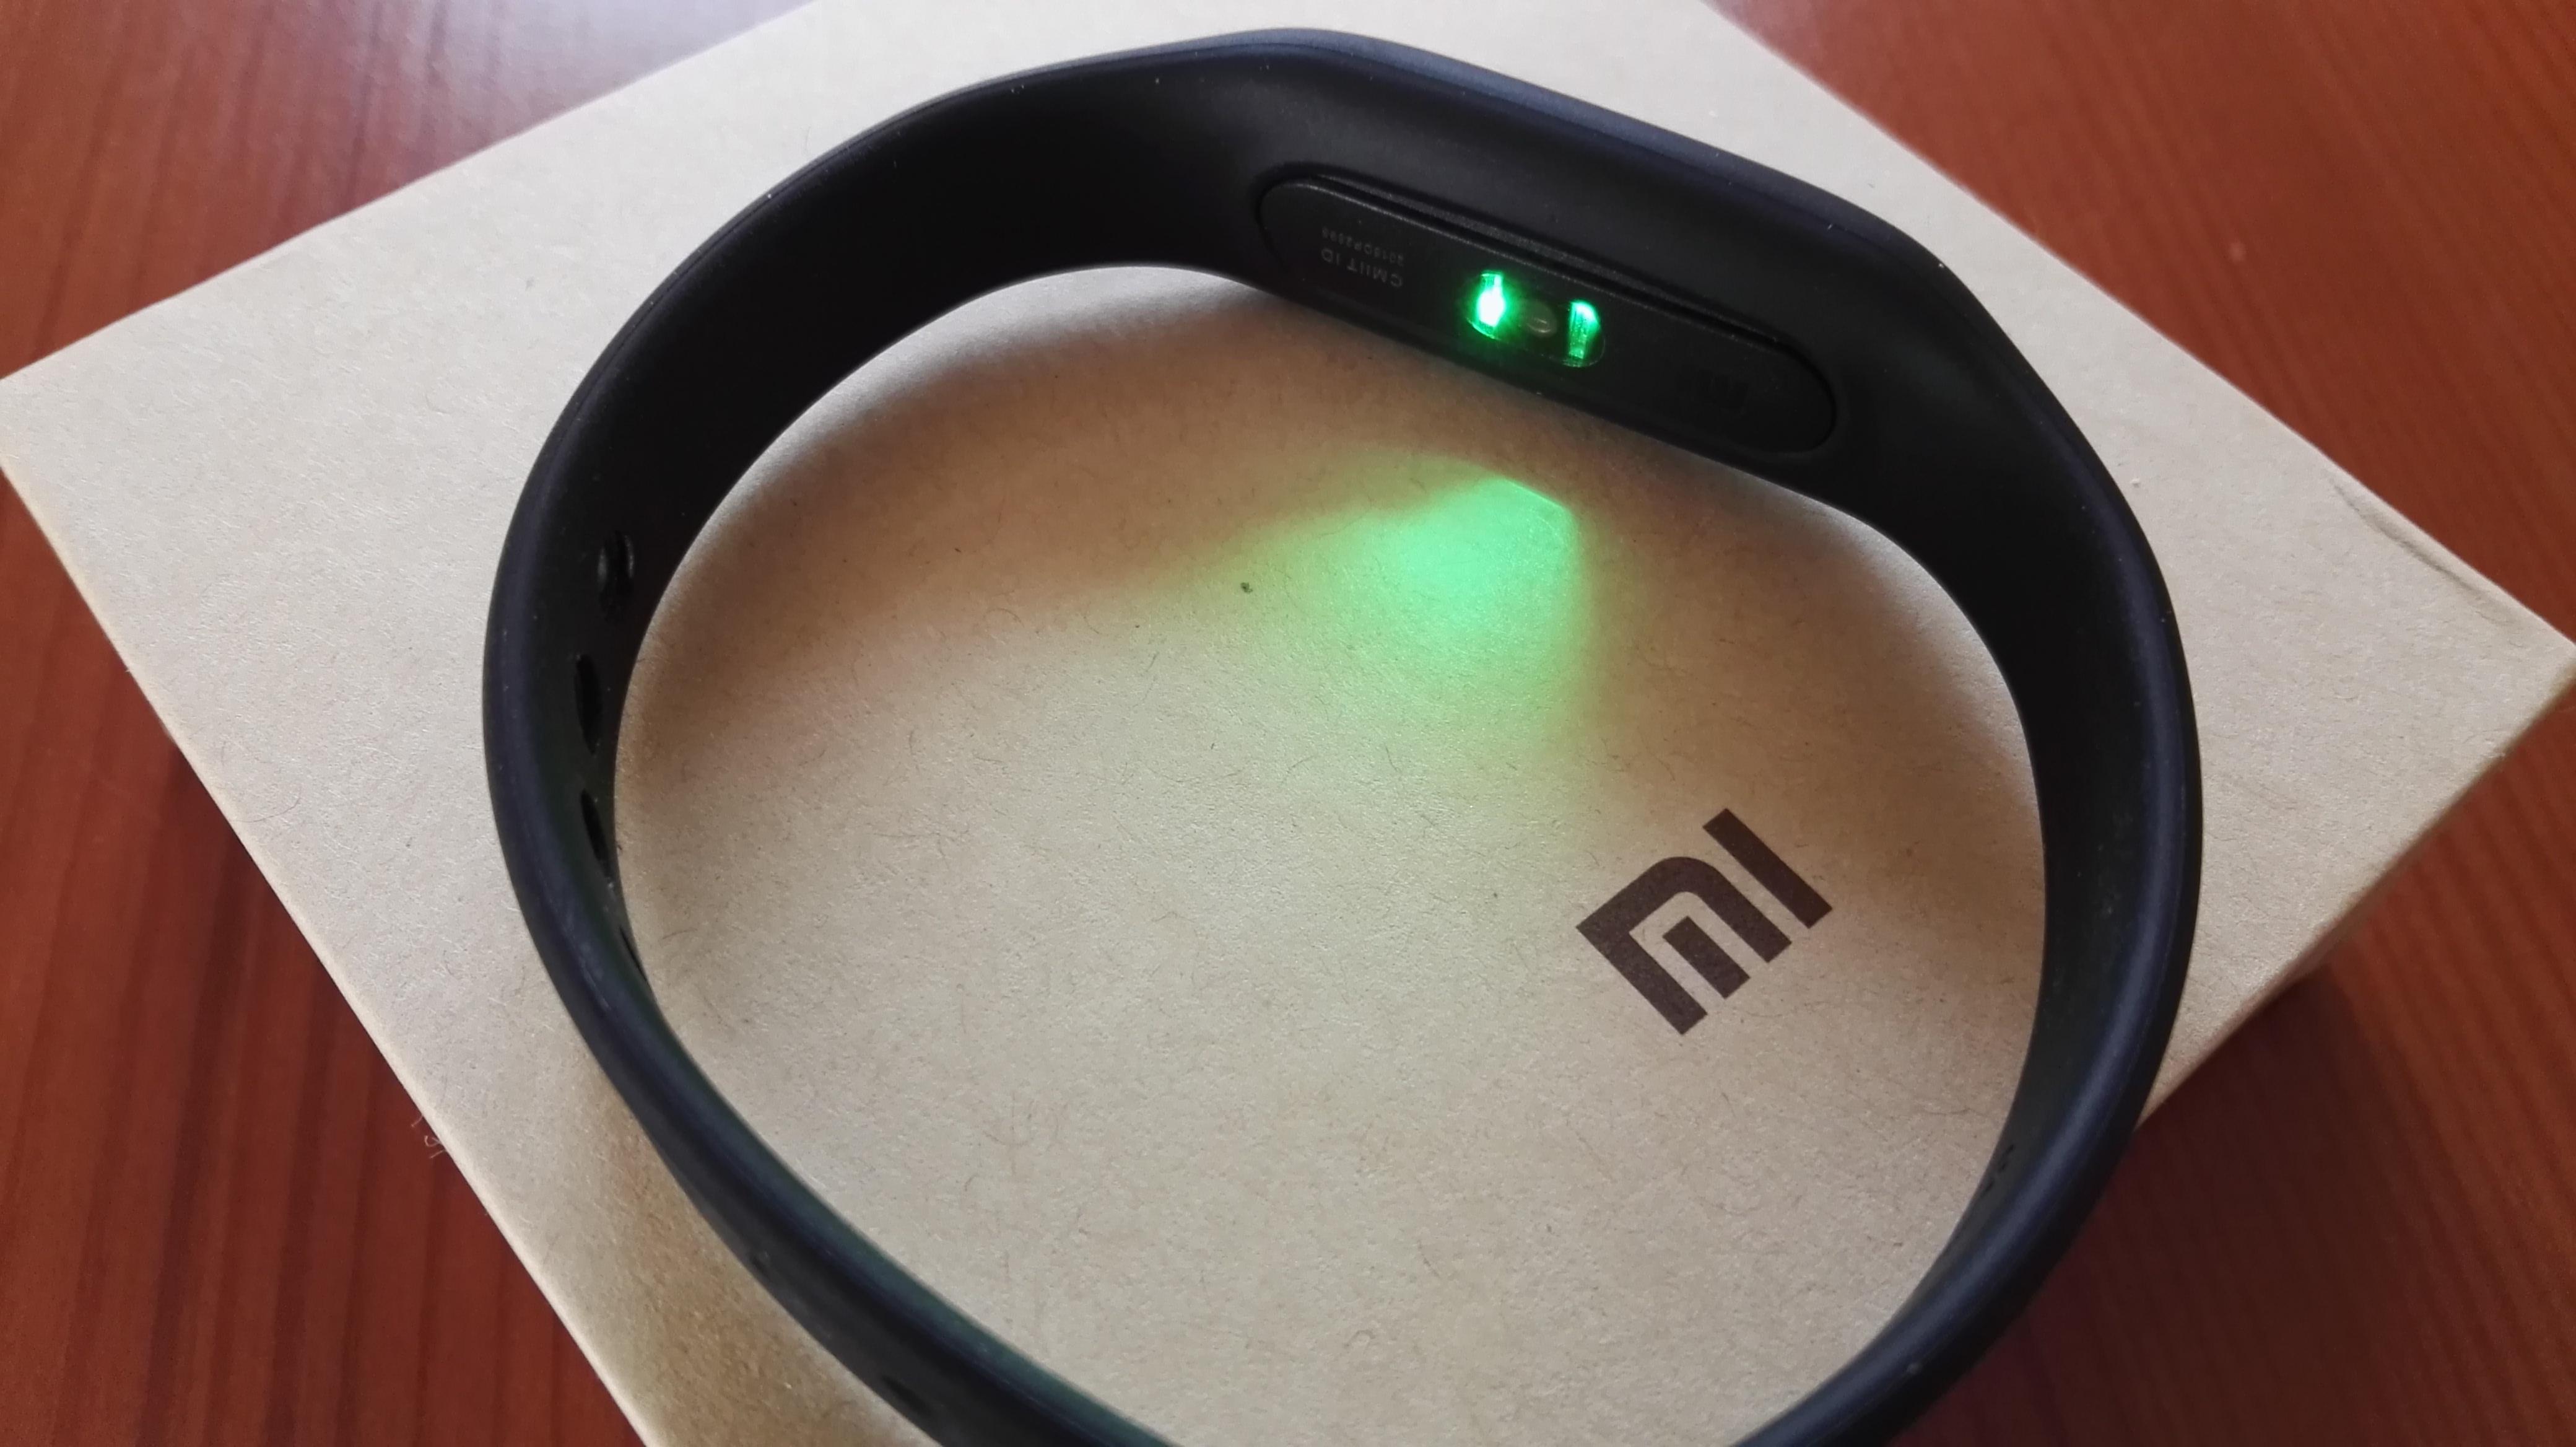 Zdjęcie czujnika tętna w opasce Mi Band 1s podczas pr³by pomiaru tętna